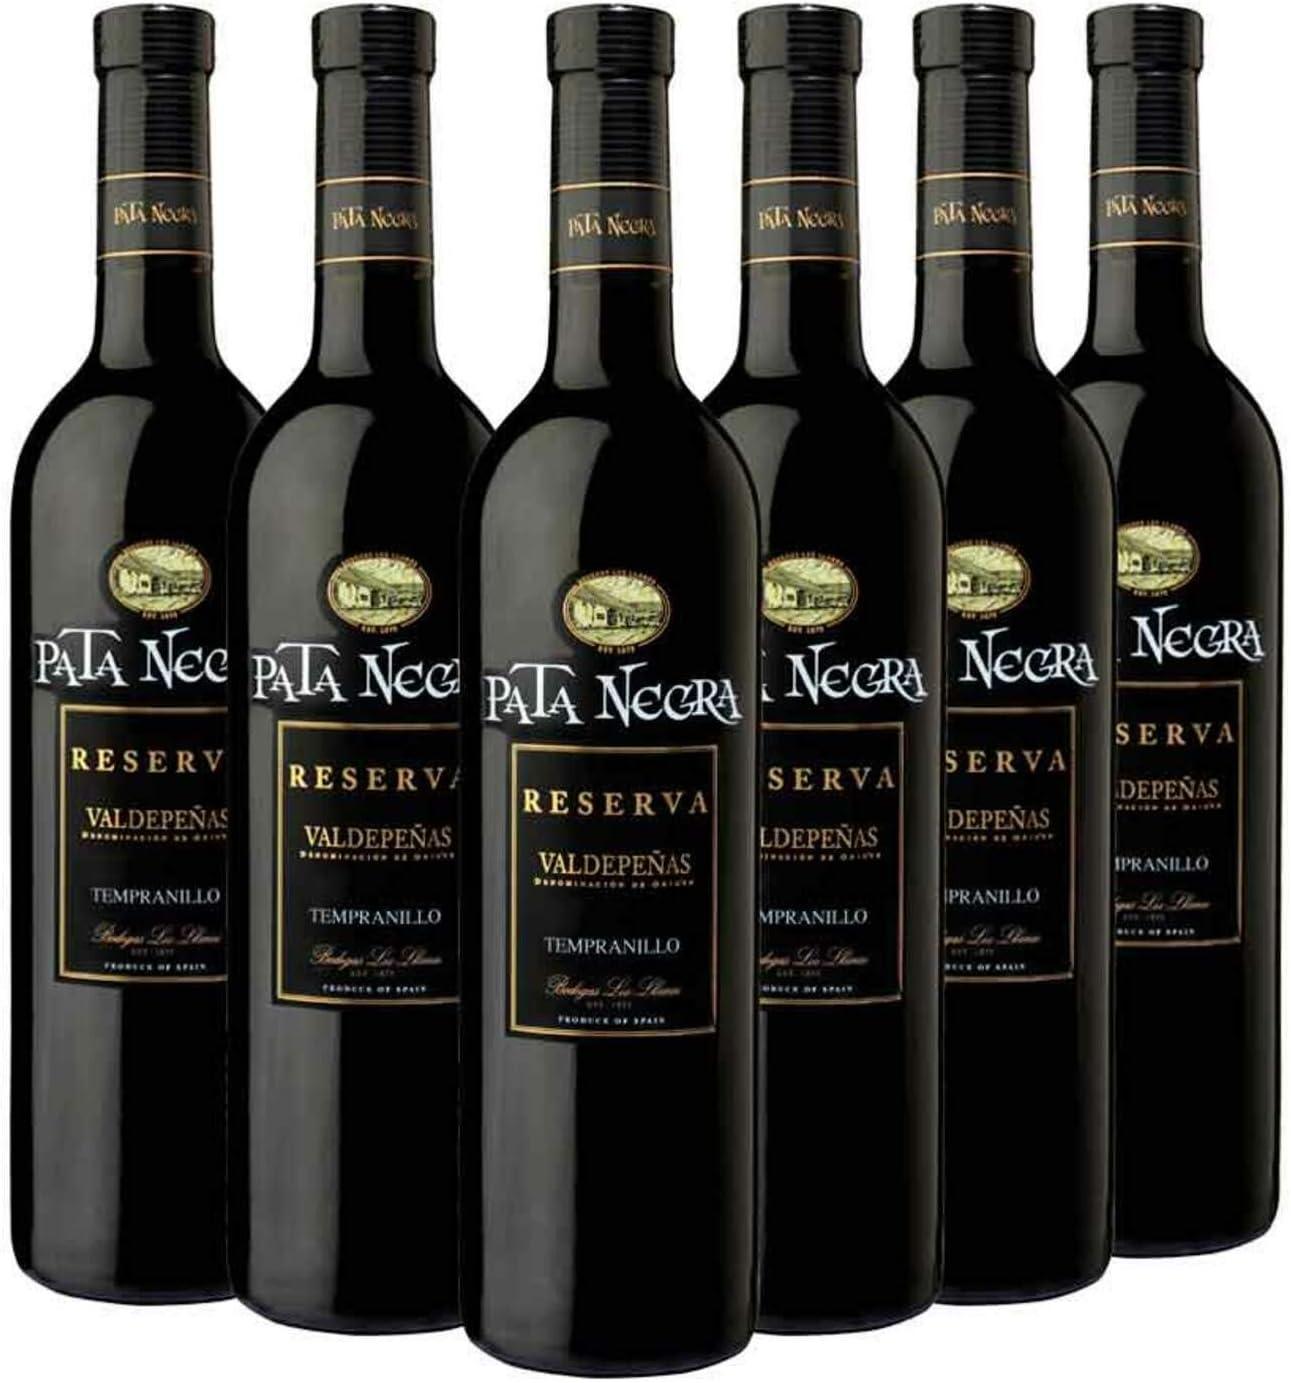 Pata Negra Crianza Vino Tinto D.O Valdepeñas - Pack de 6 Botellas ...